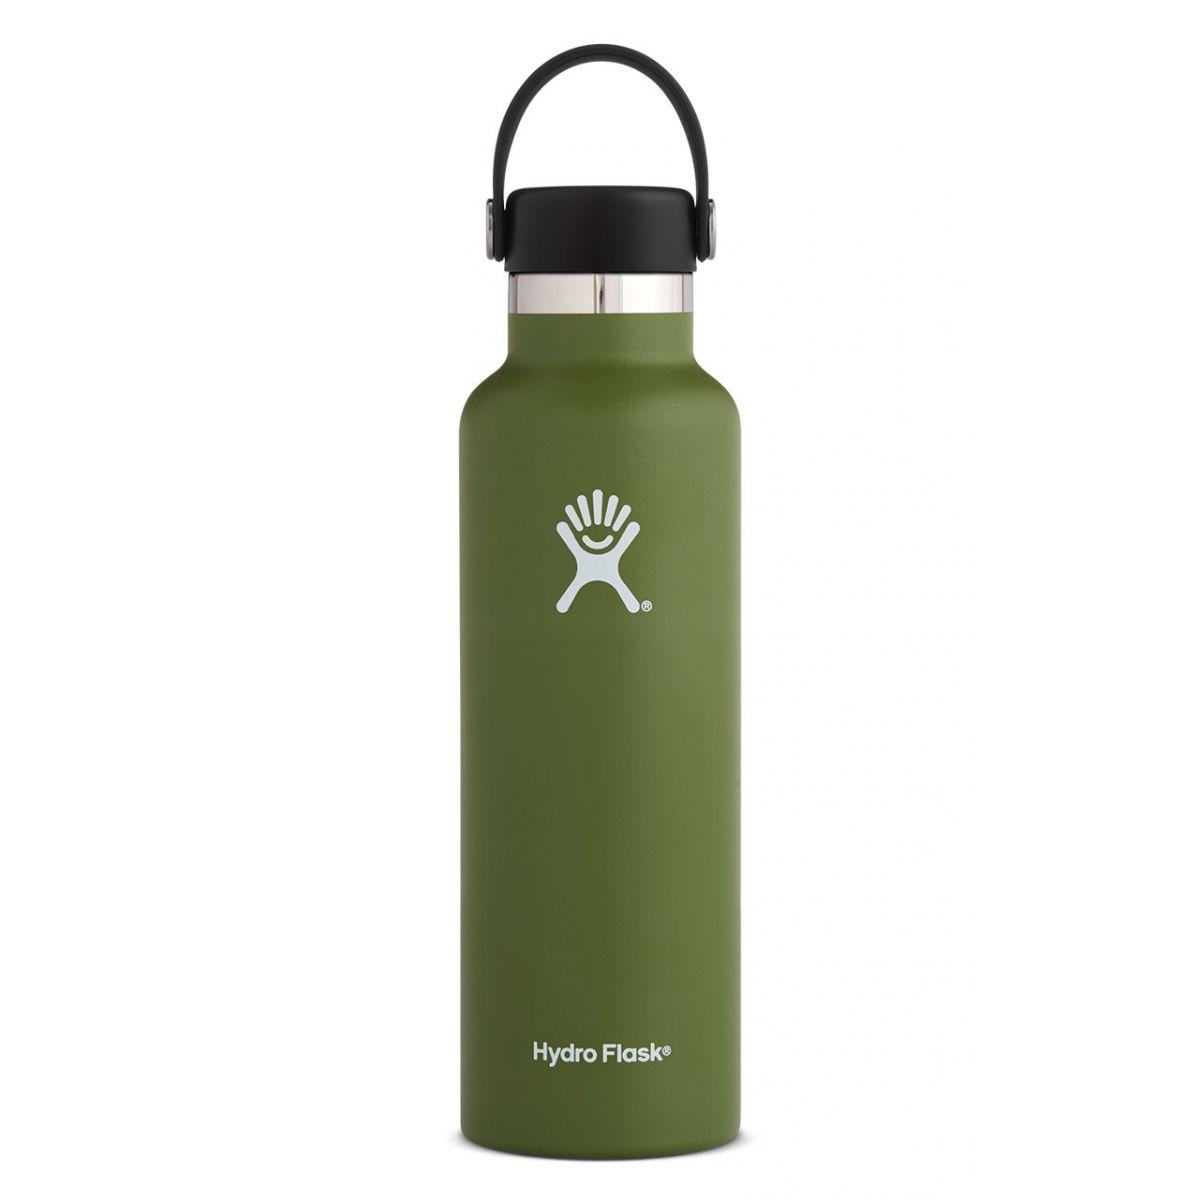 Bild von Hydro Flask 21 oz Standard Mouth Flex Cap Thermoflasche 621ml - Olive